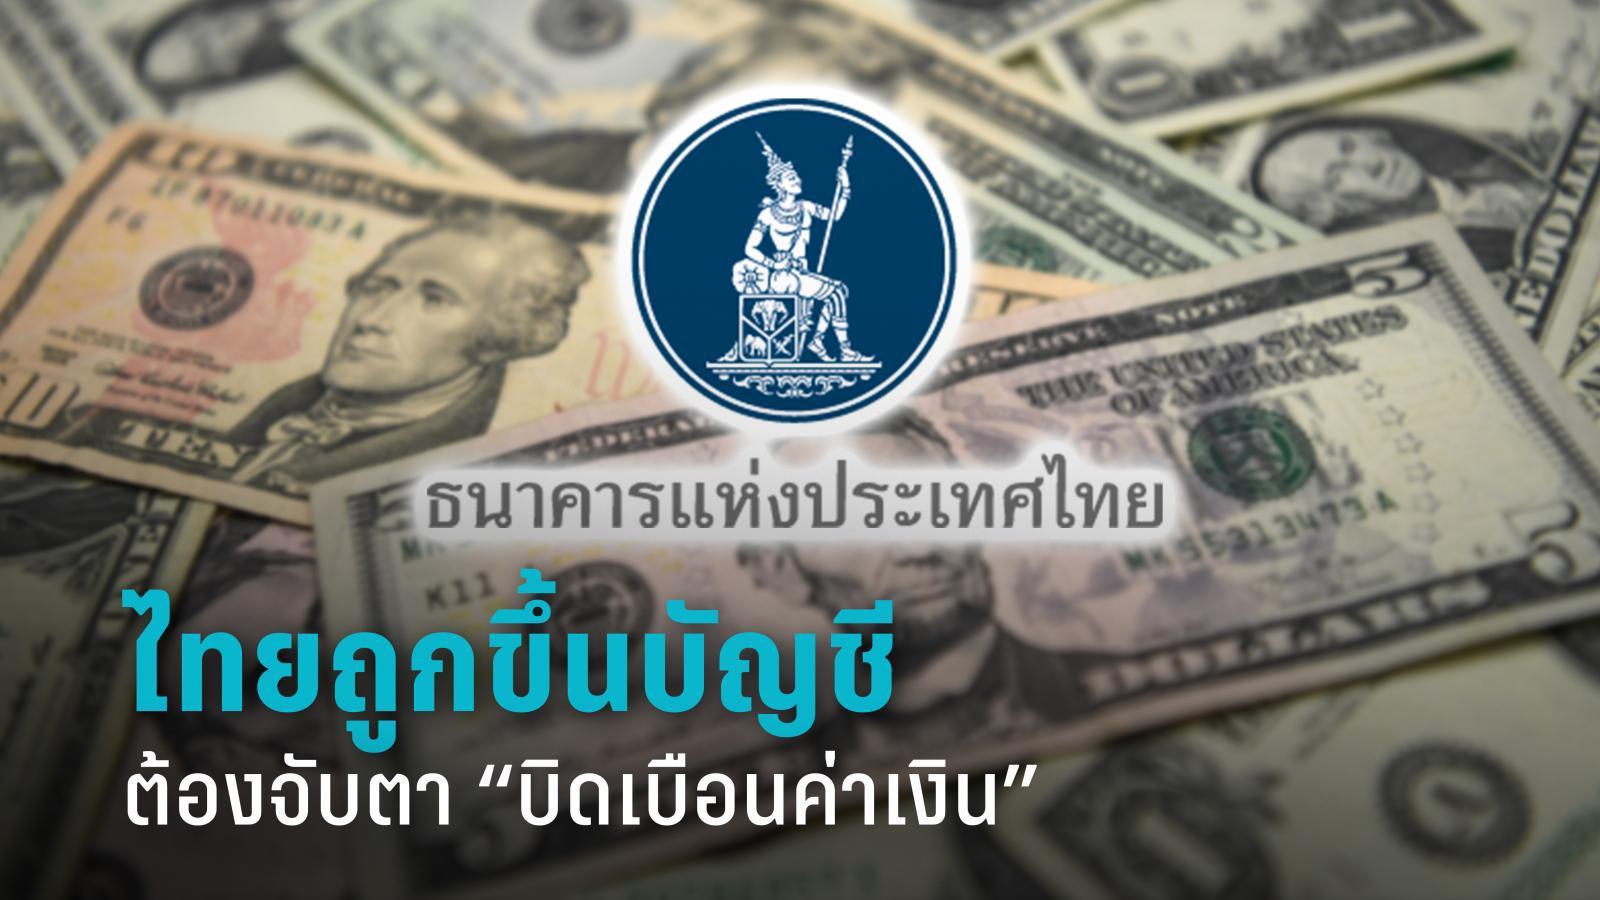 """แบงก์ชาติ เคลื่อนไหว หลังสหรัฐฯขึ้นบัญชีไทย อยู่ในประเทศต้องจับตา """"บิดเบือนค่าเงิน"""""""